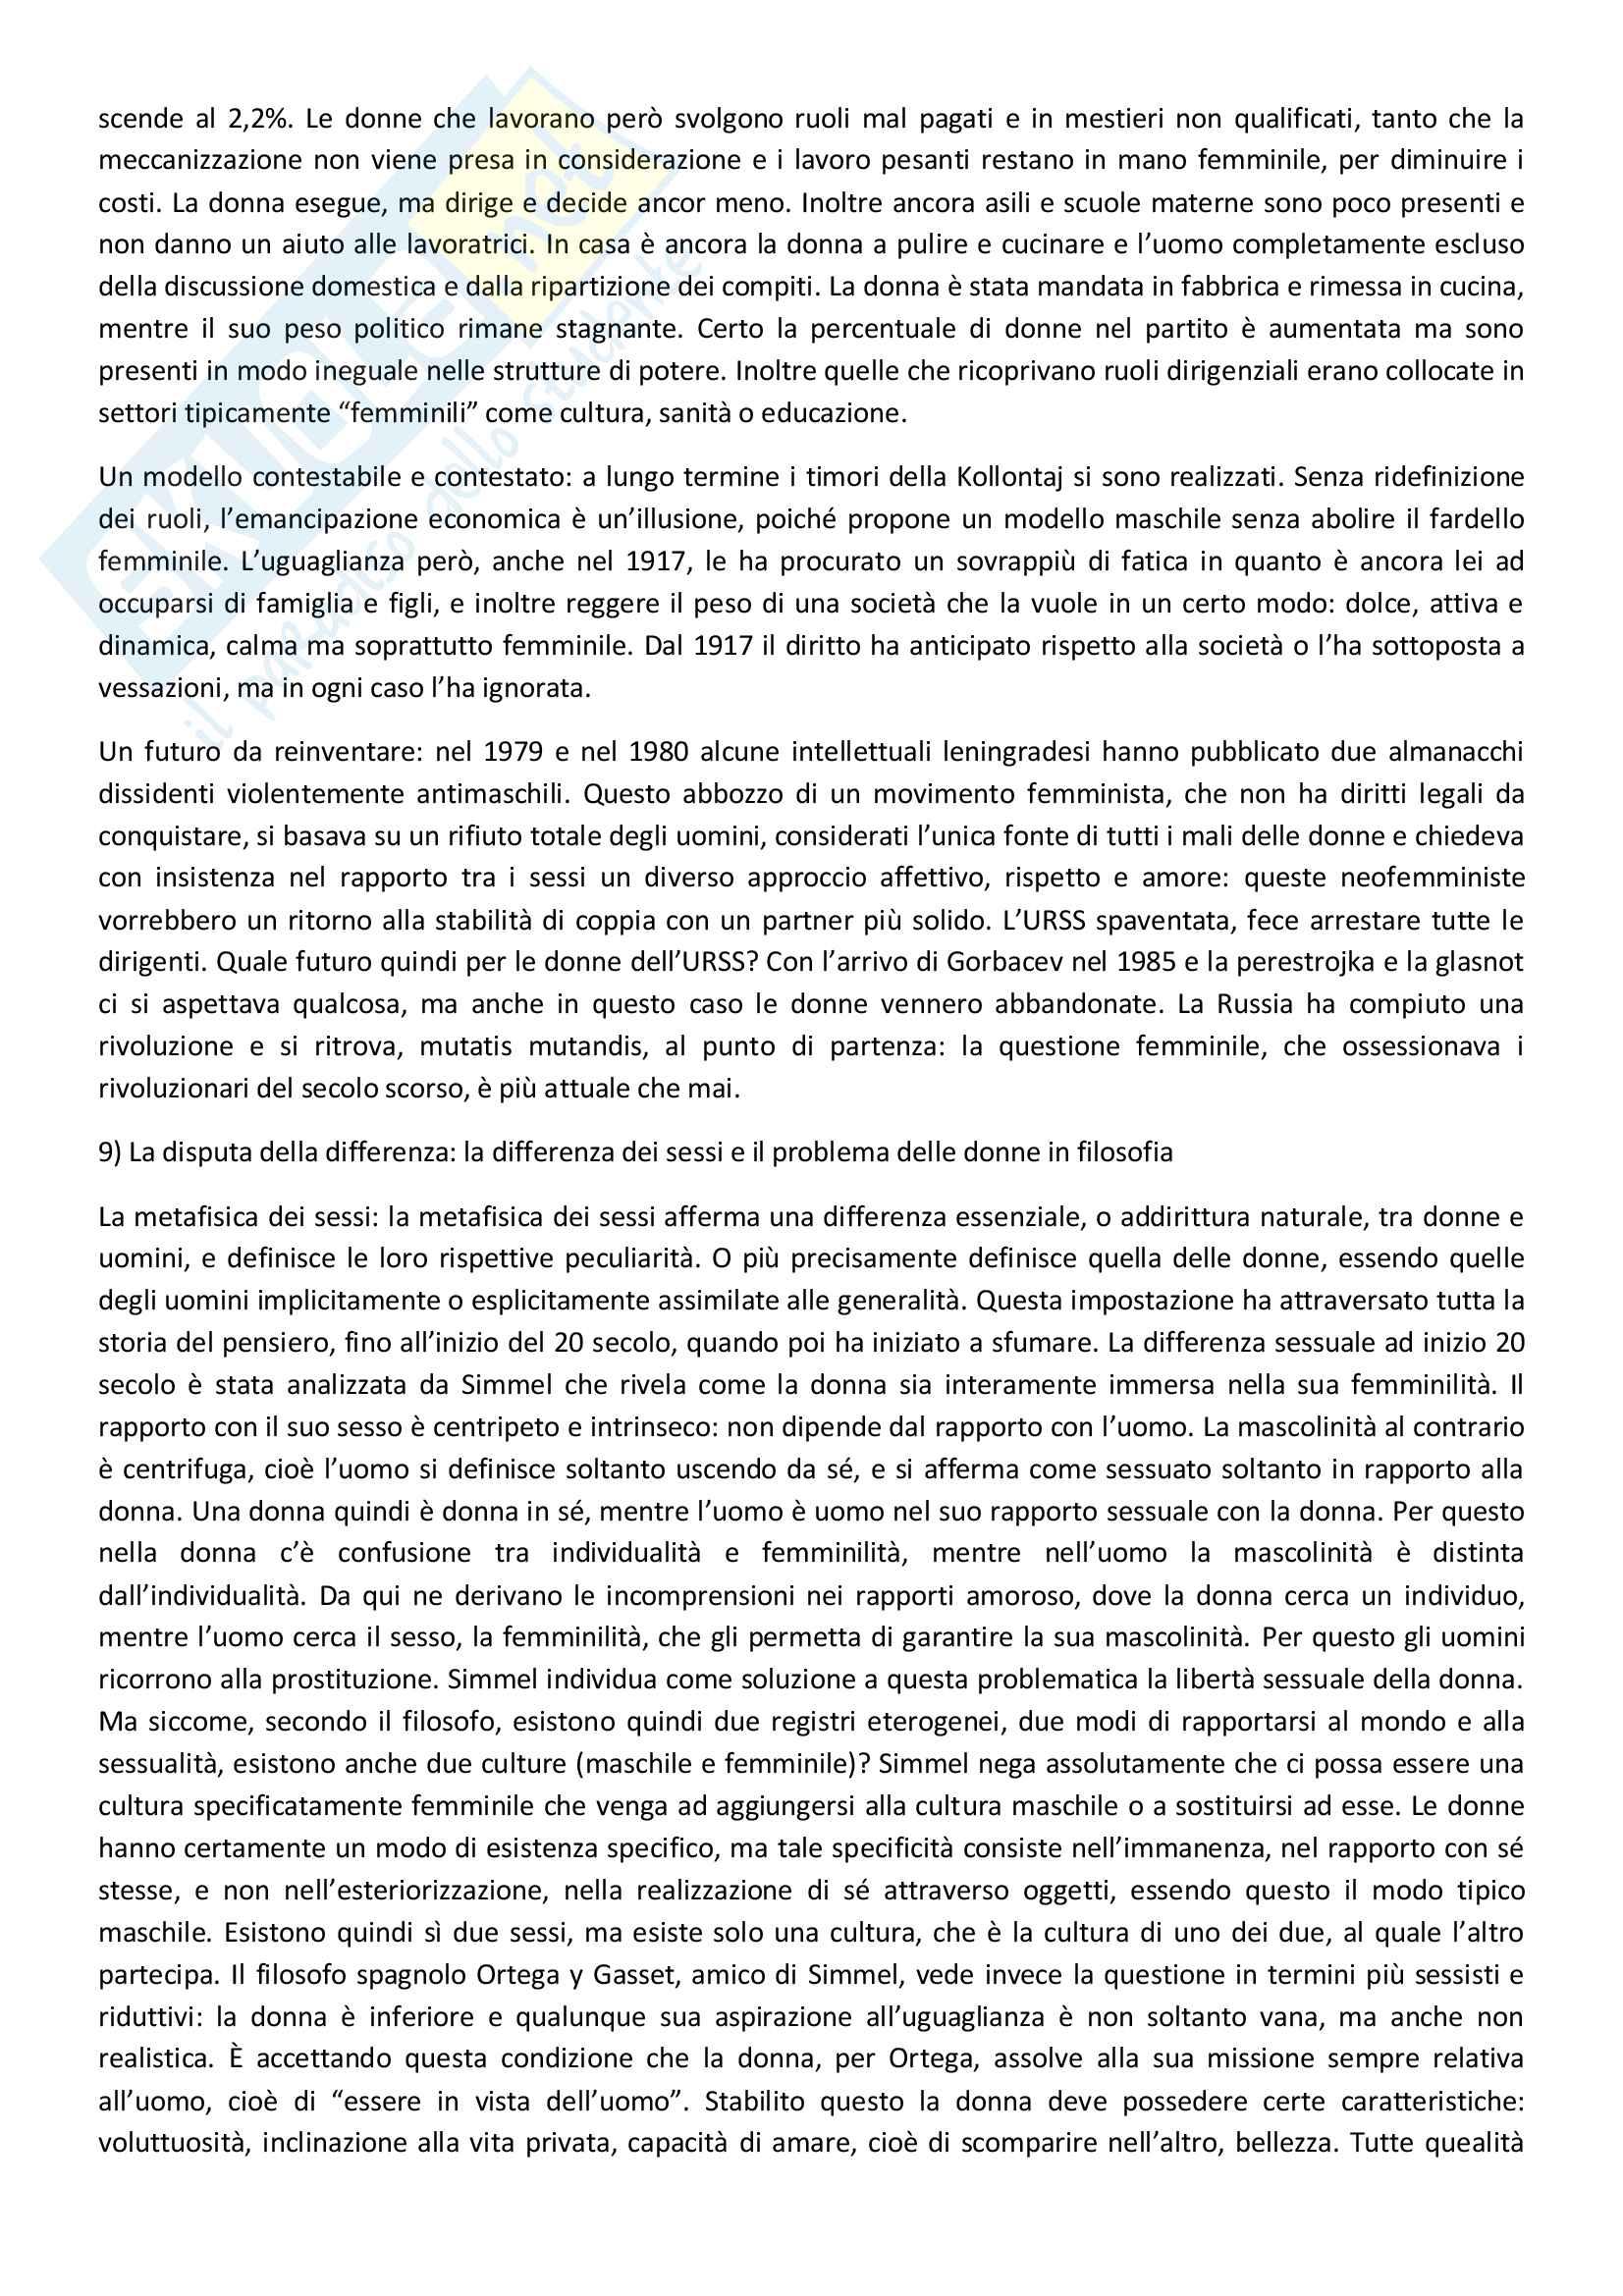 Sunto di storia contemporanea, docente Adorni, libro consigliato Storia delle donne in Occidente - Il Novecento, Autore Duby, Perrot Pag. 31